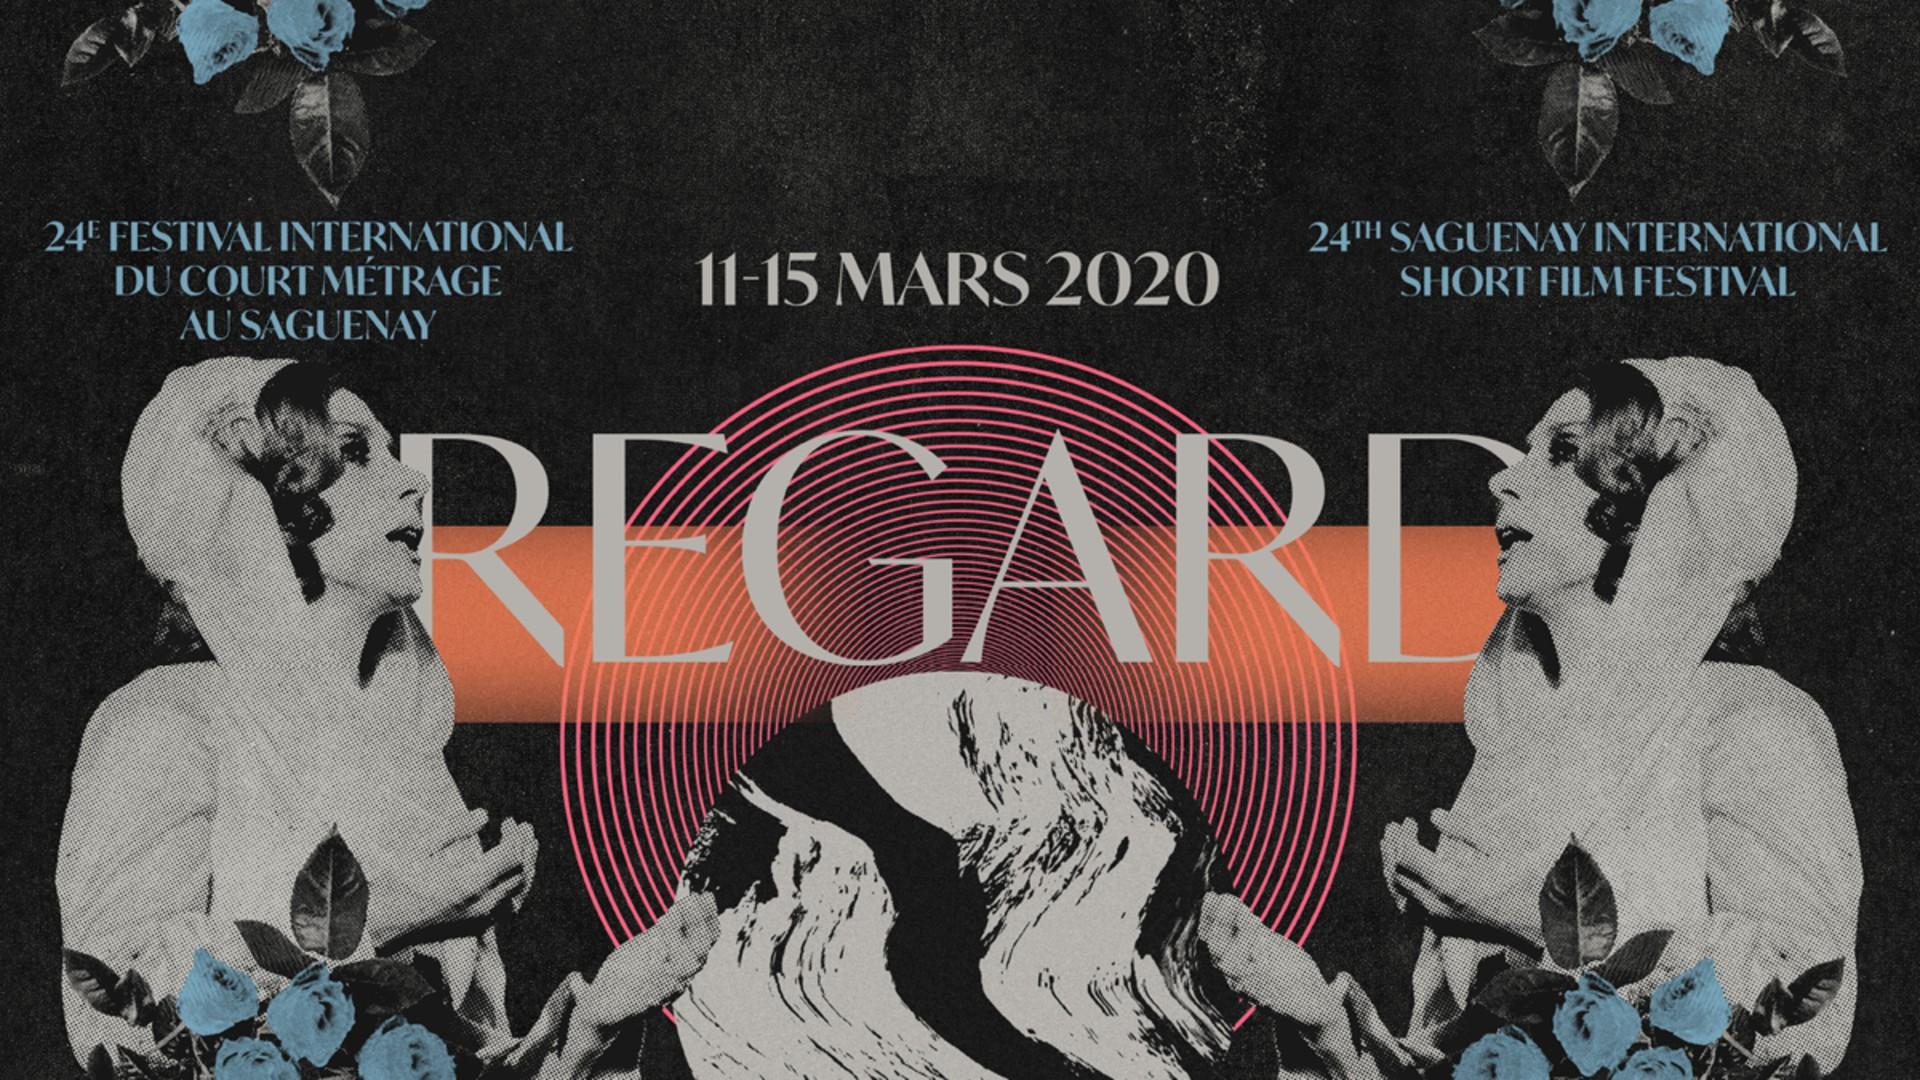 Festival Regard 2020 – Programming